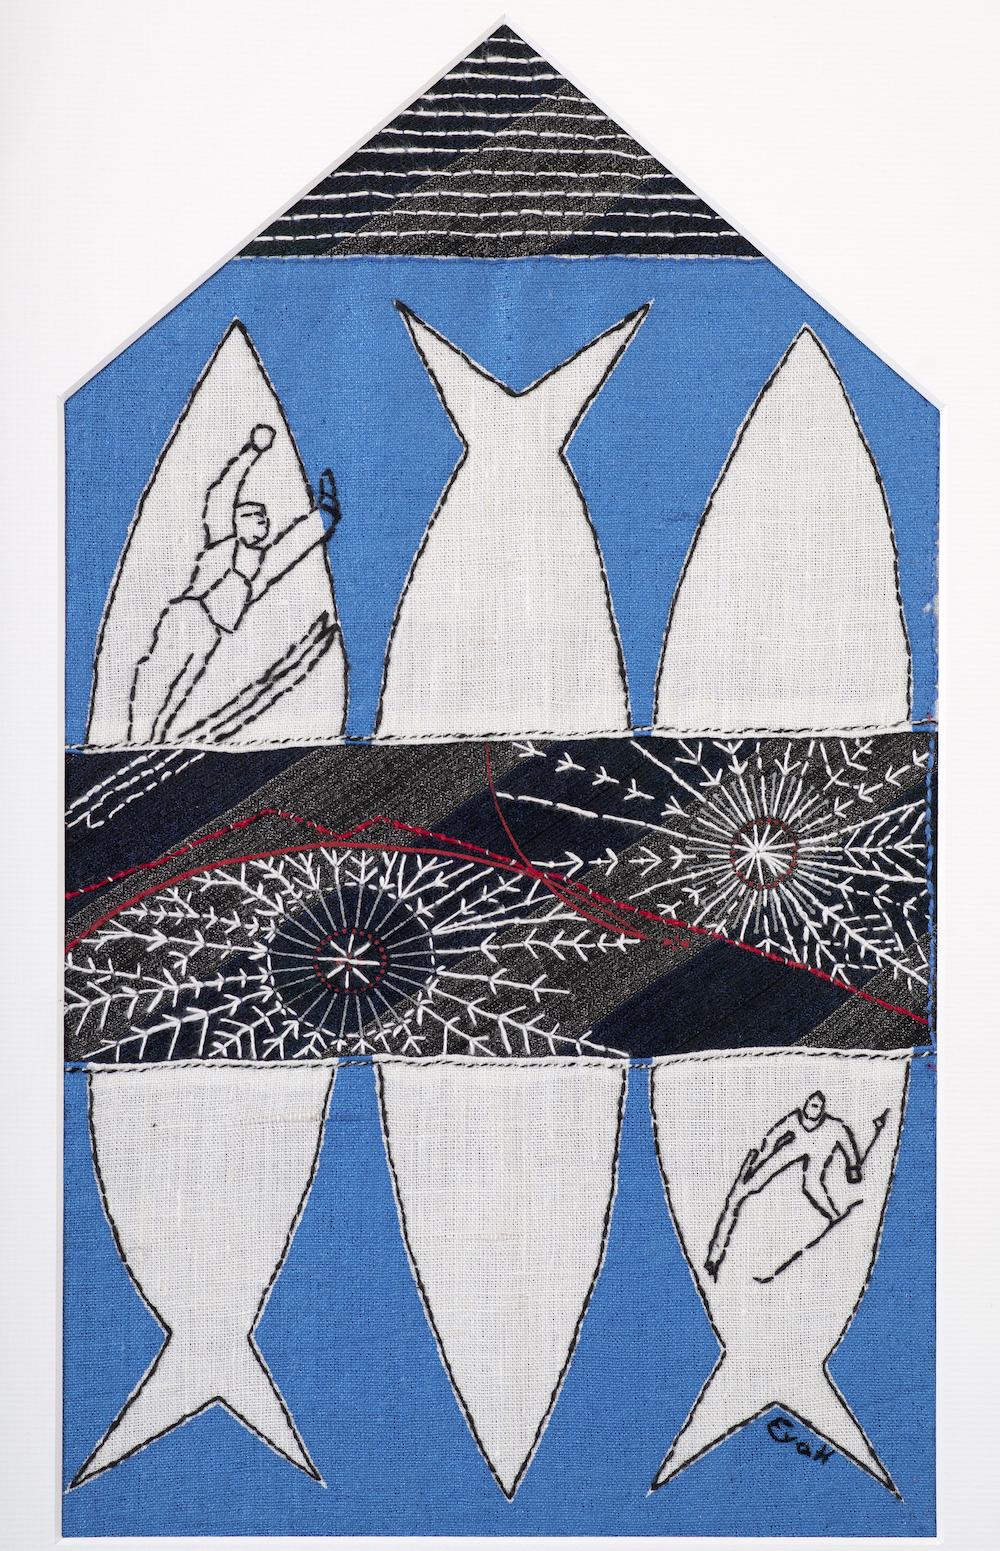 Eva Hagström Textil |Textiltryck och broderi 39,5 x 59 cm inkl. ram 8 500 kr eva-hagstrom.nu